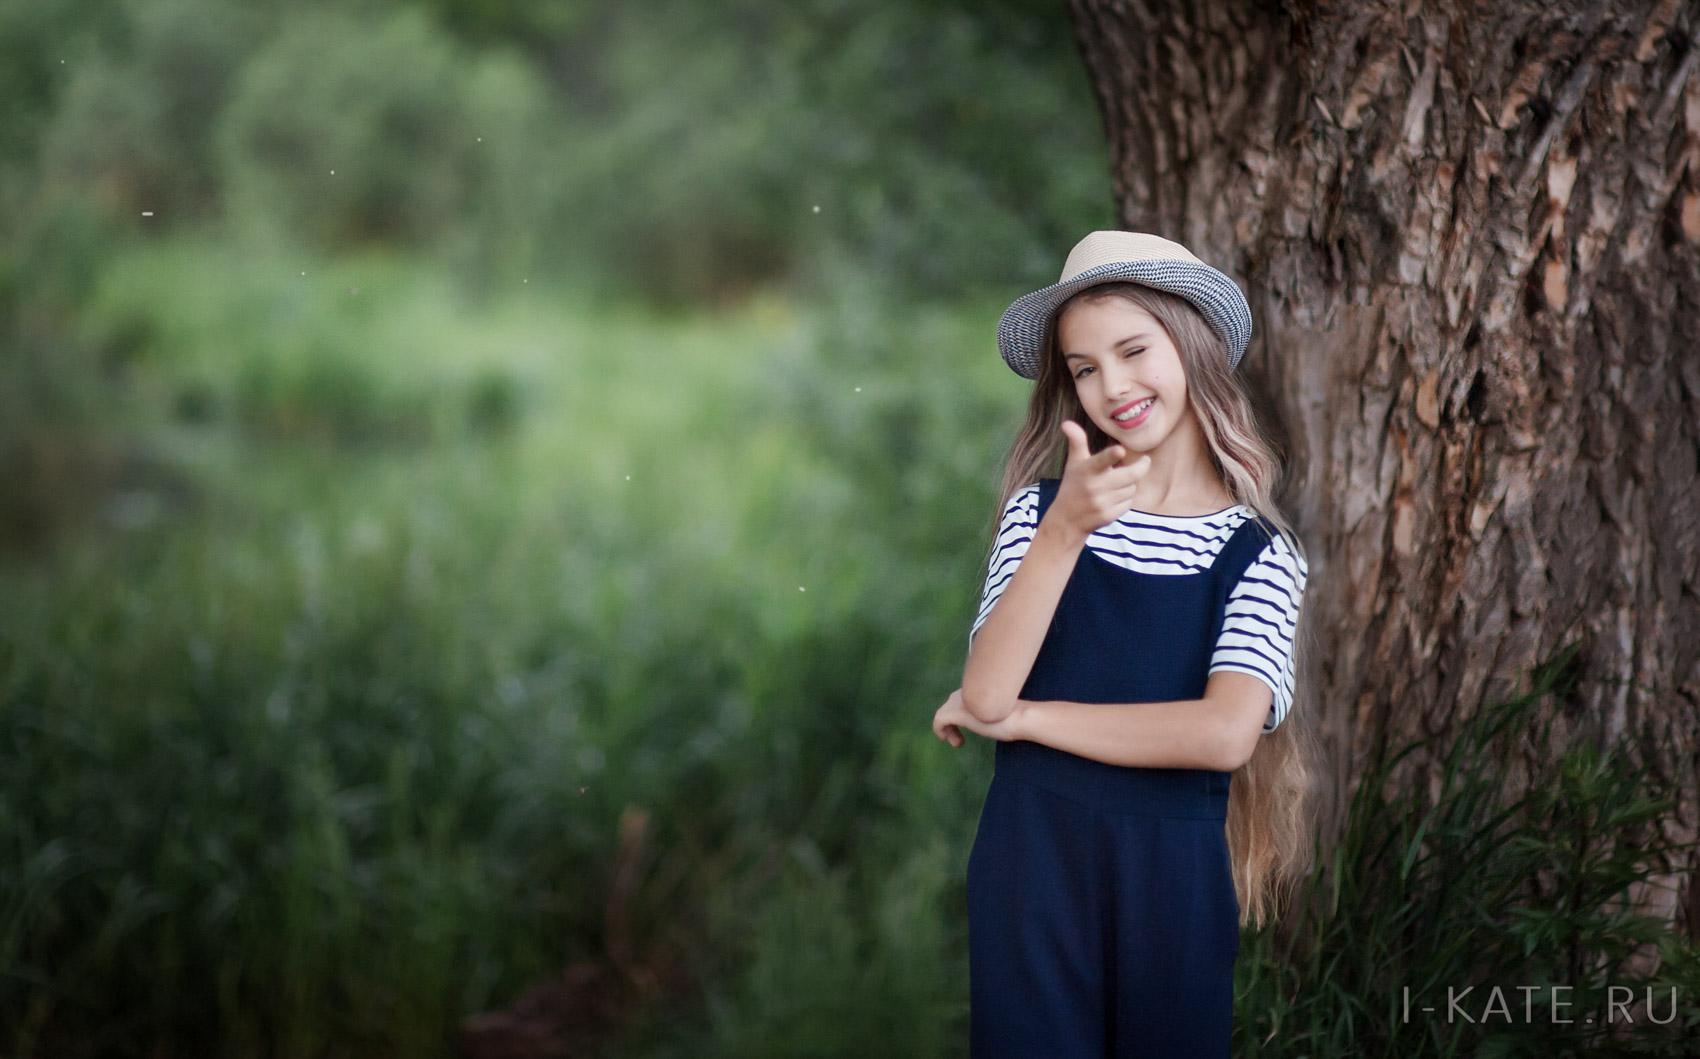 Девочка на пруду, Детская фотосессия на природе фотограф, Шипилова Екатерина